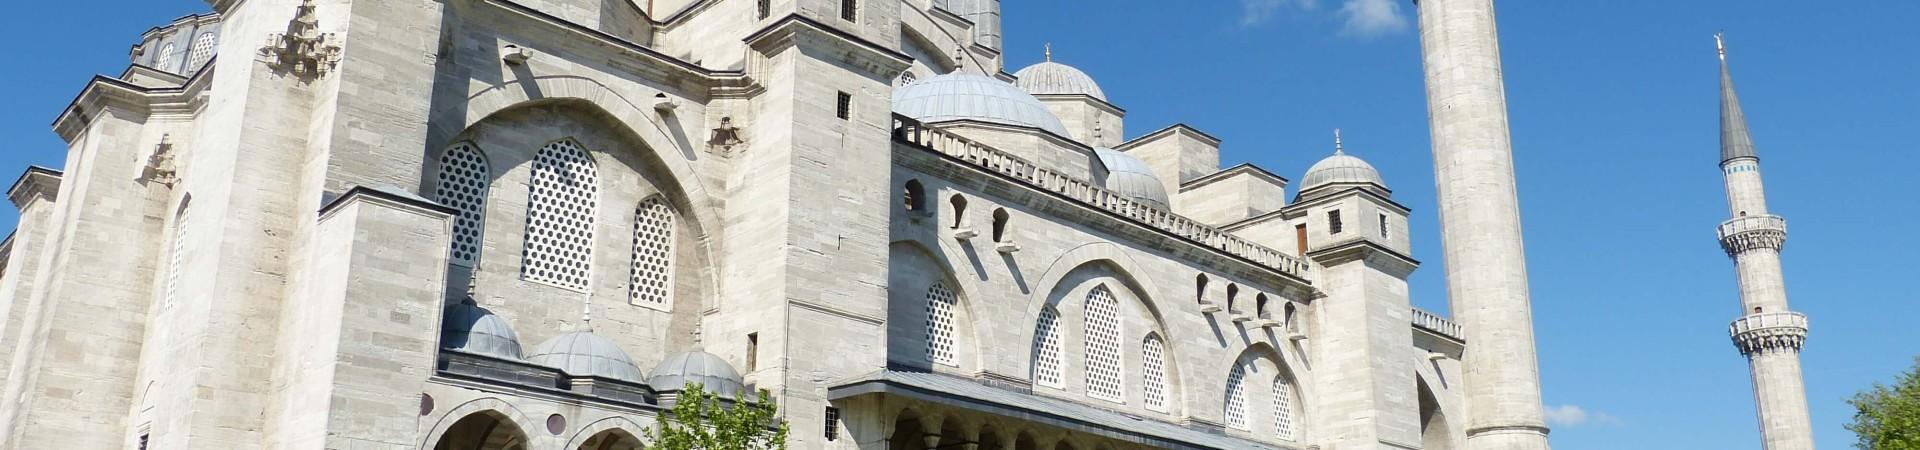 meczet w Stambule w Turcji (1)